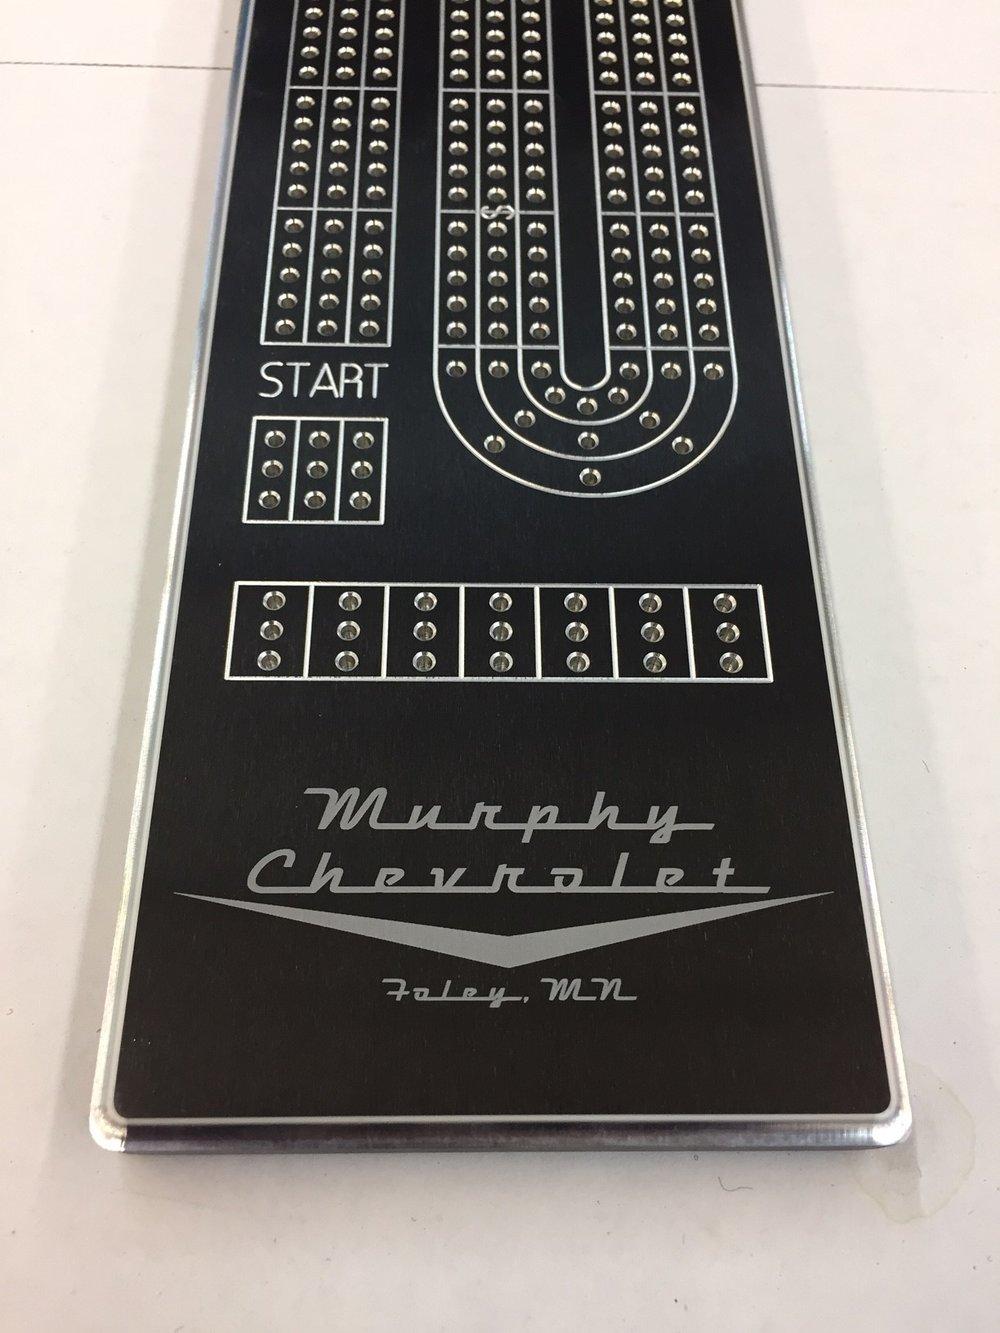 MurpyChev.JPG